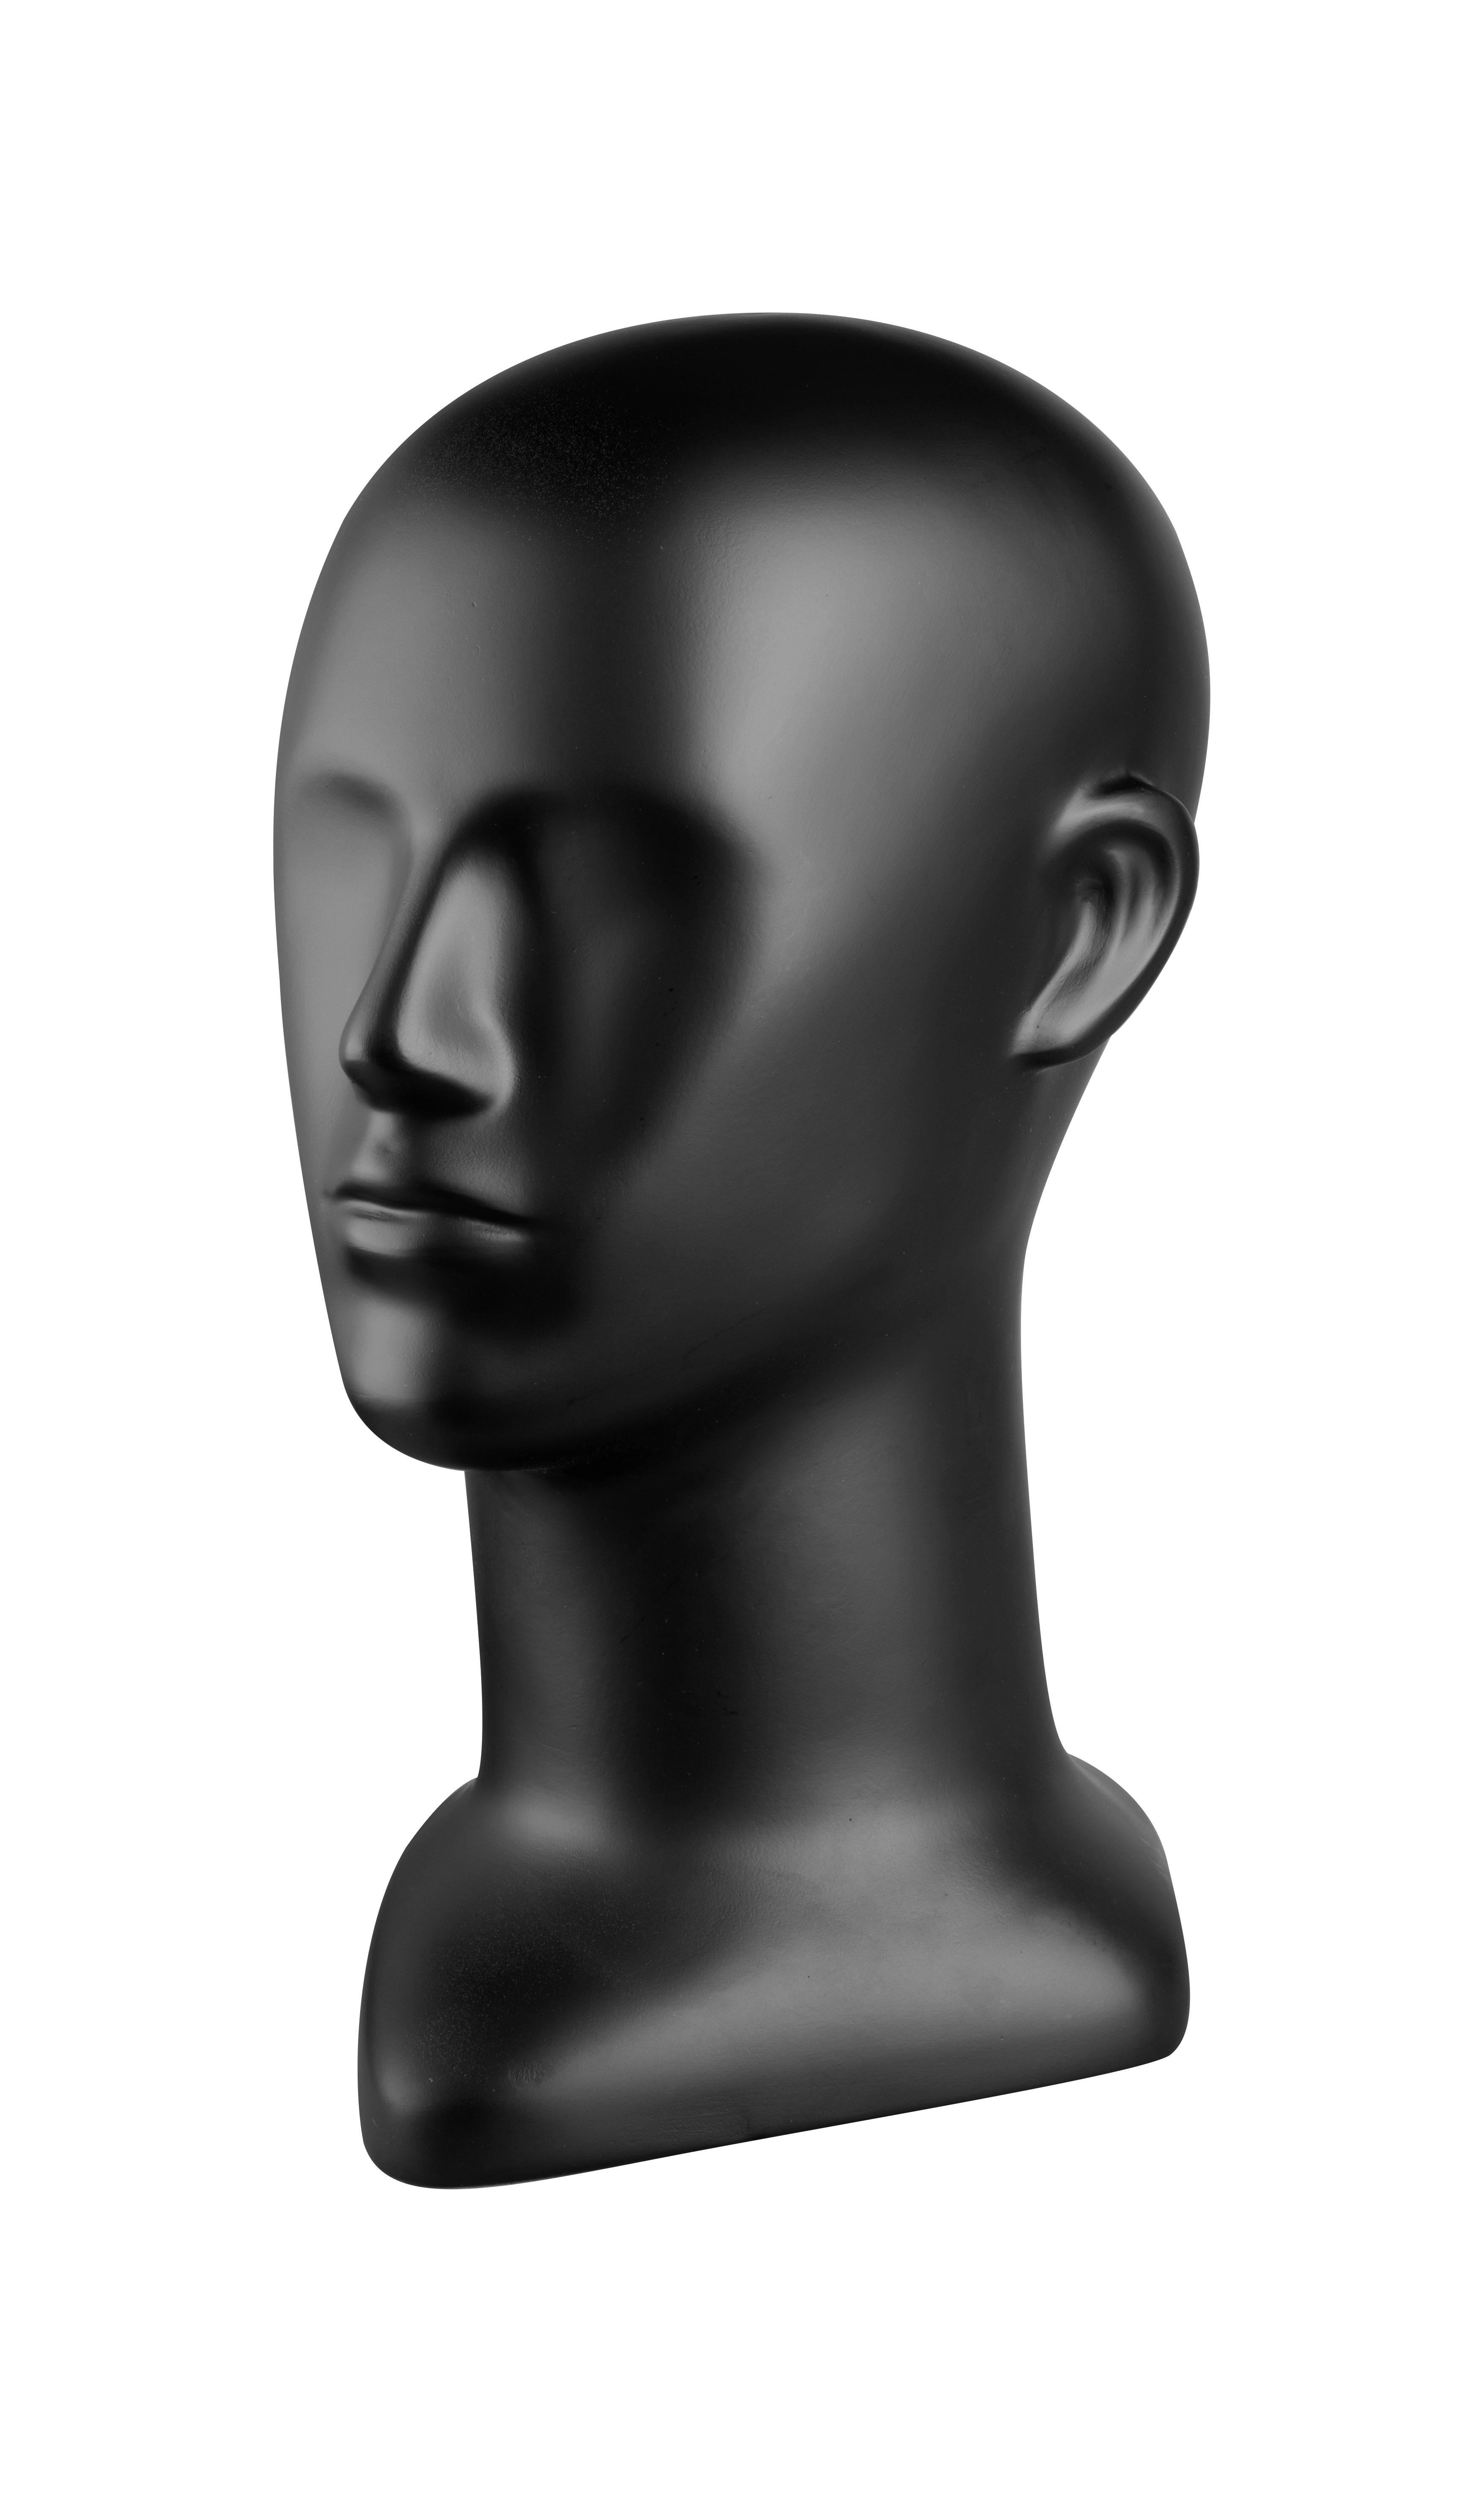 figurína - hlava, černá matná